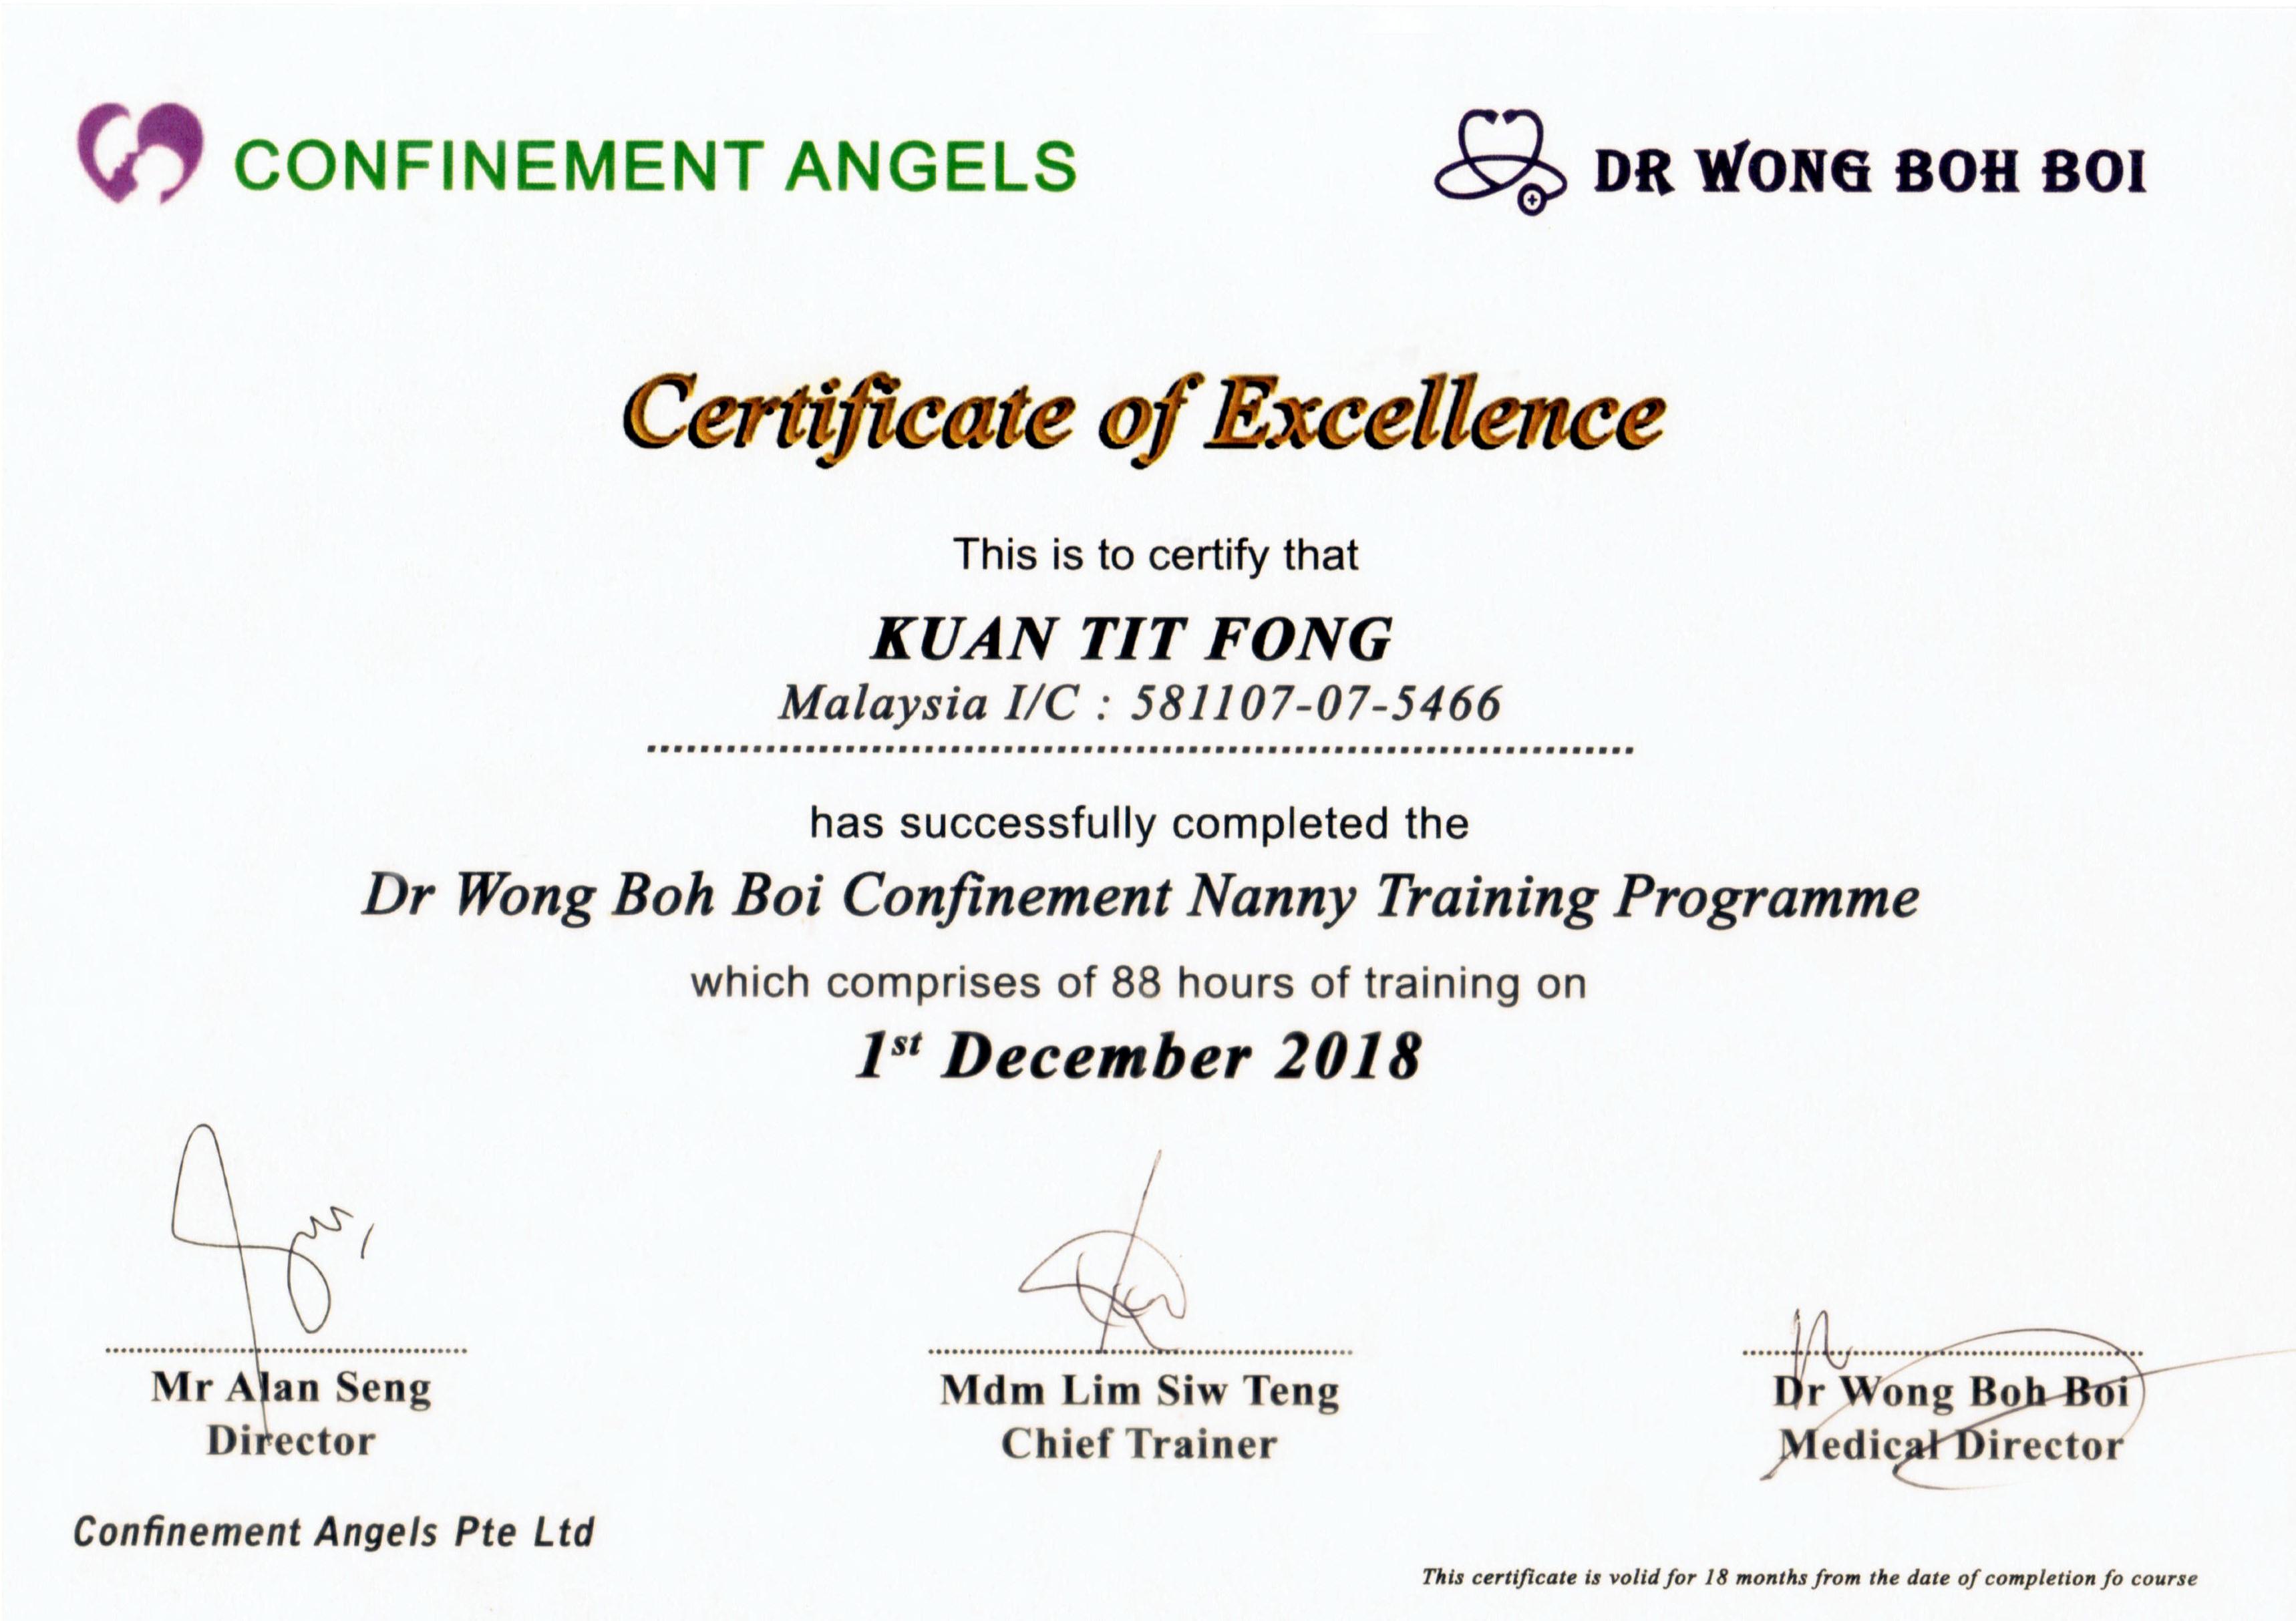 Sok Wah Certificate